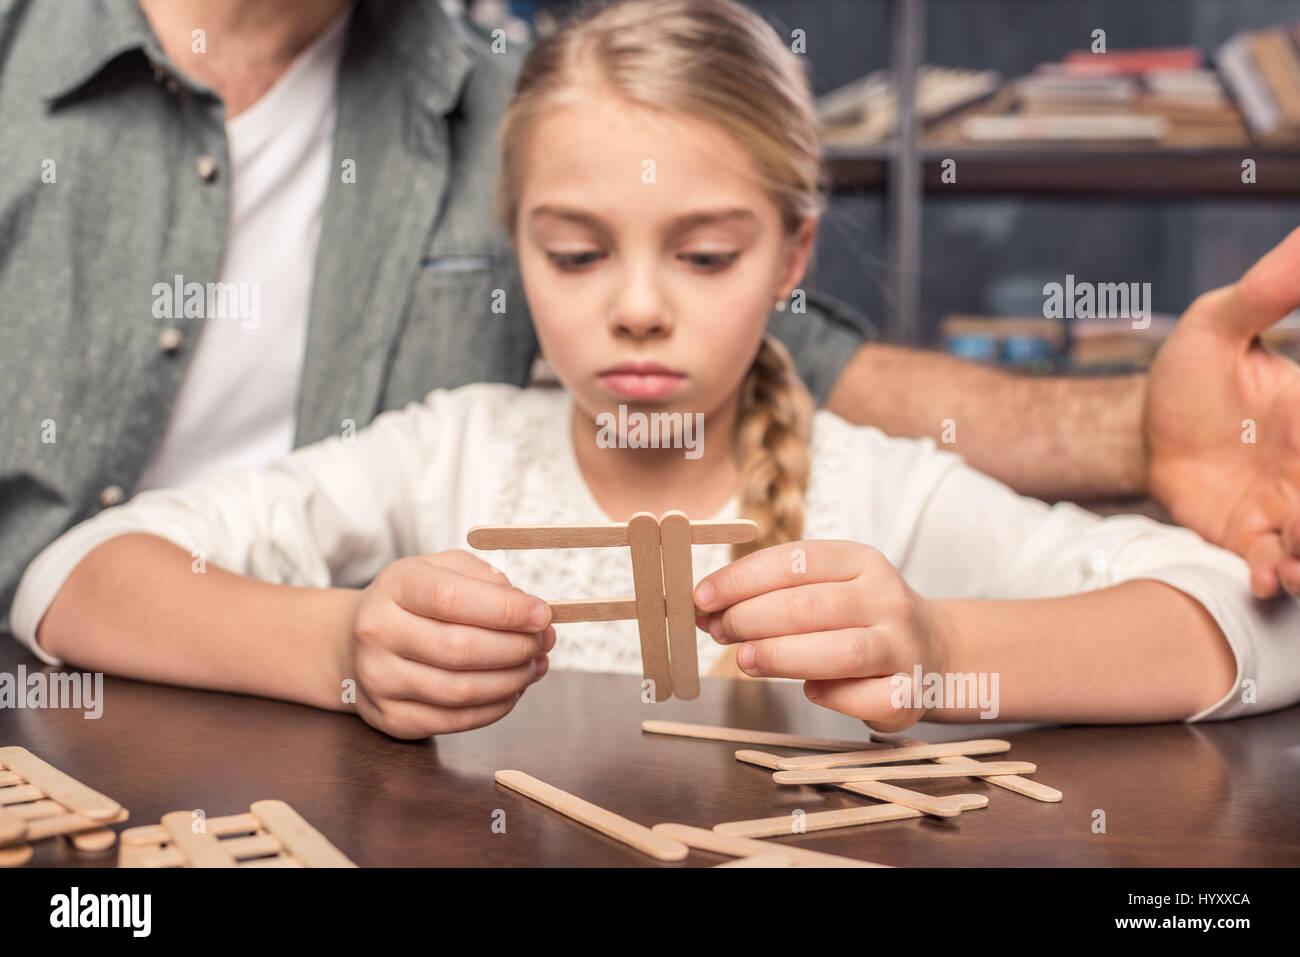 Concentrato bambina artigianale con gelato bastoni Immagini Stock